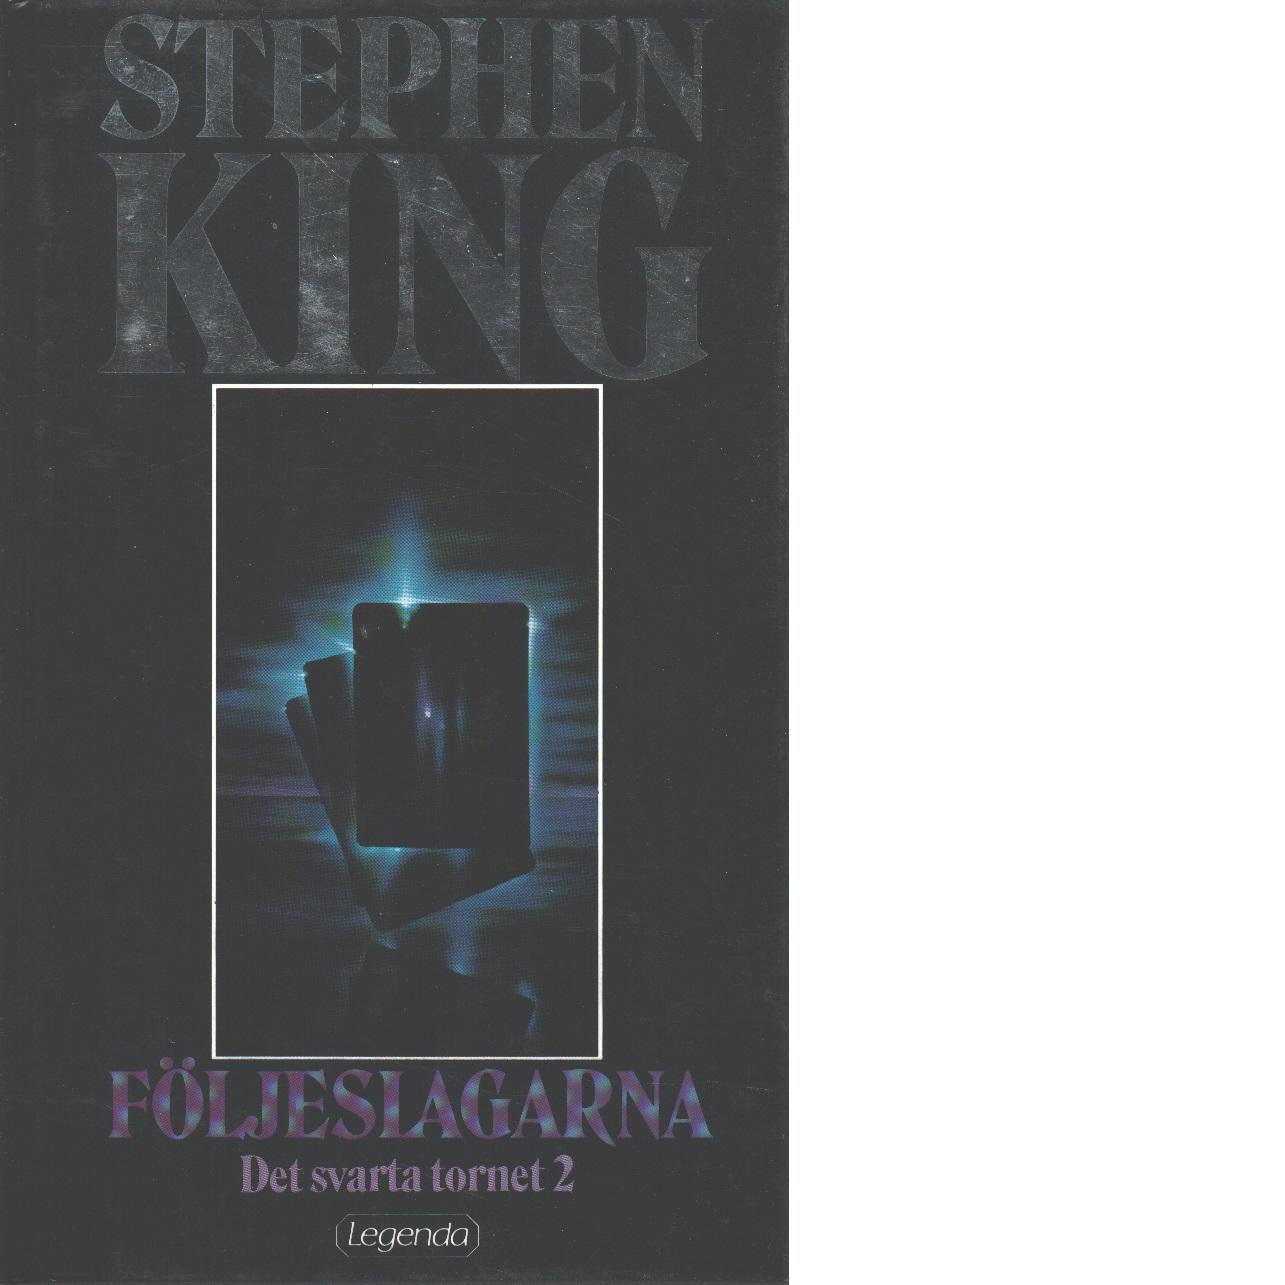 Det svarta tornet. 2, Följeslagarna - King, Stephen